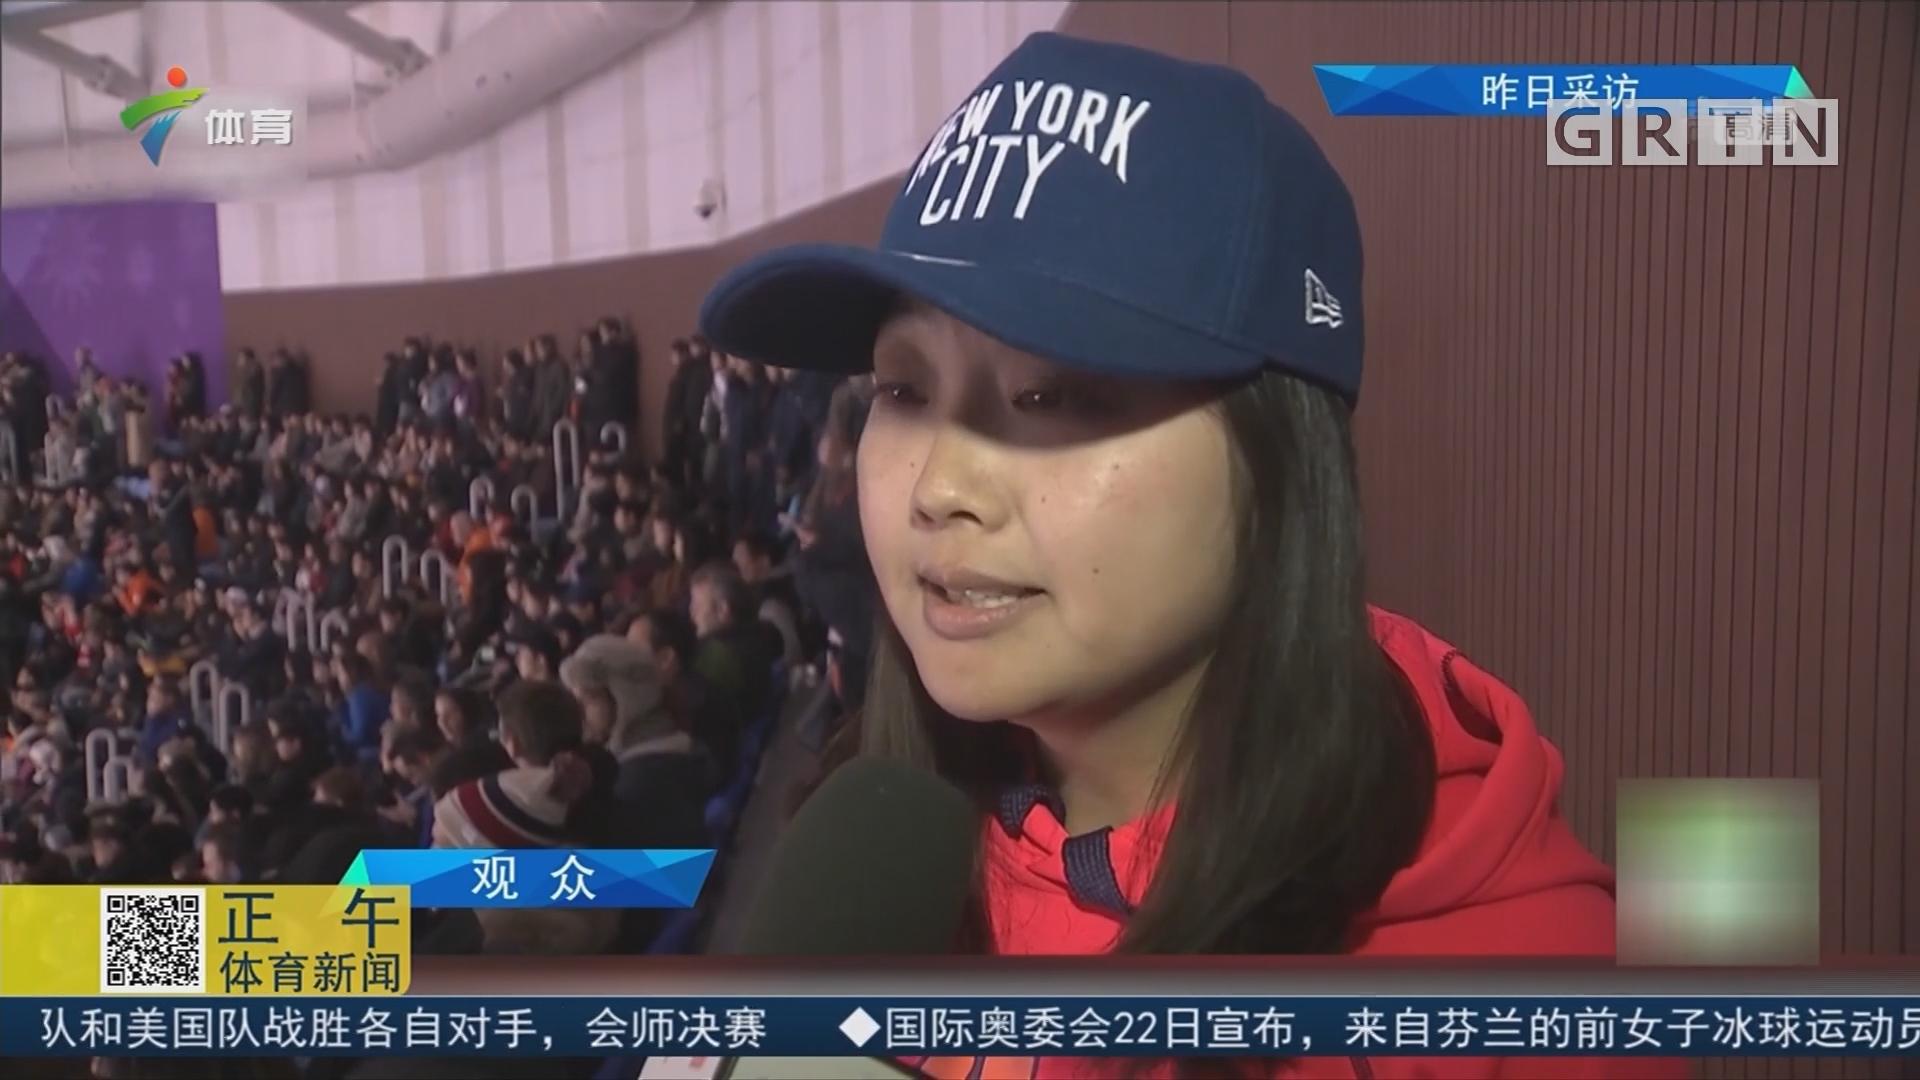 武大靖两破世界纪录夺冠 令人振奋